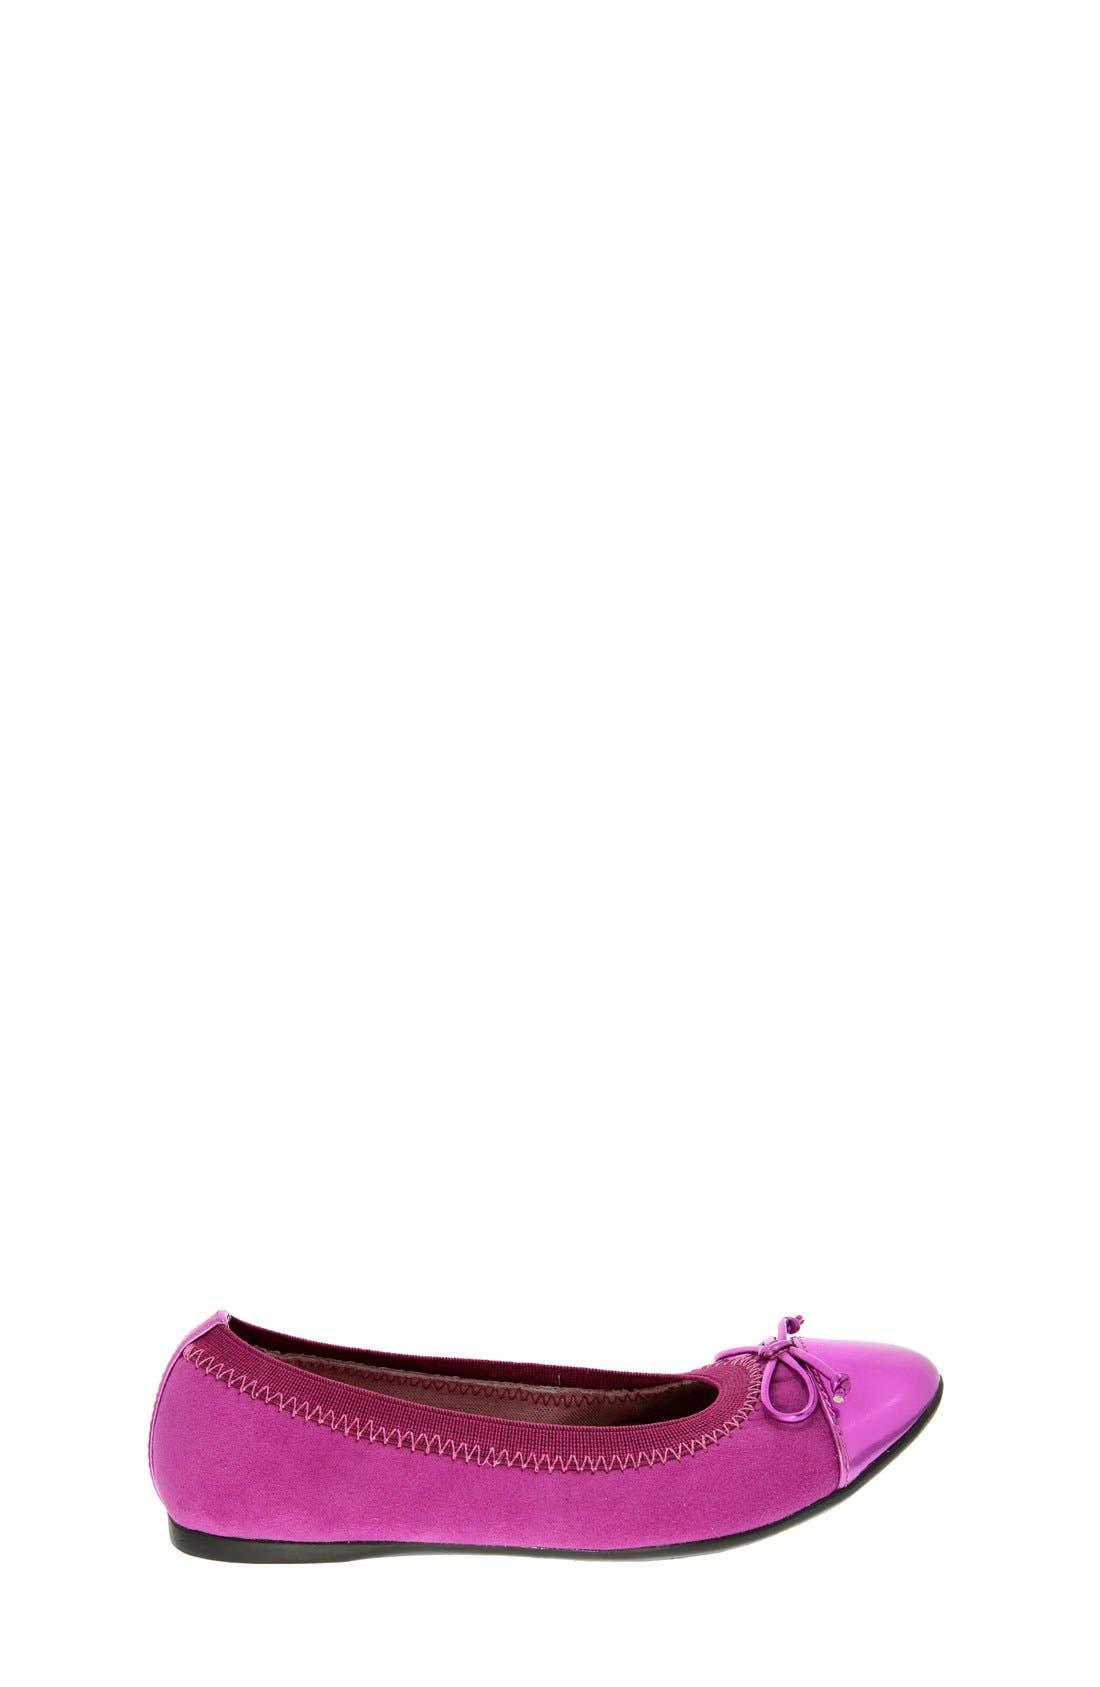 'Flower' Ballerina Flat,                             Alternate thumbnail 3, color,                             693